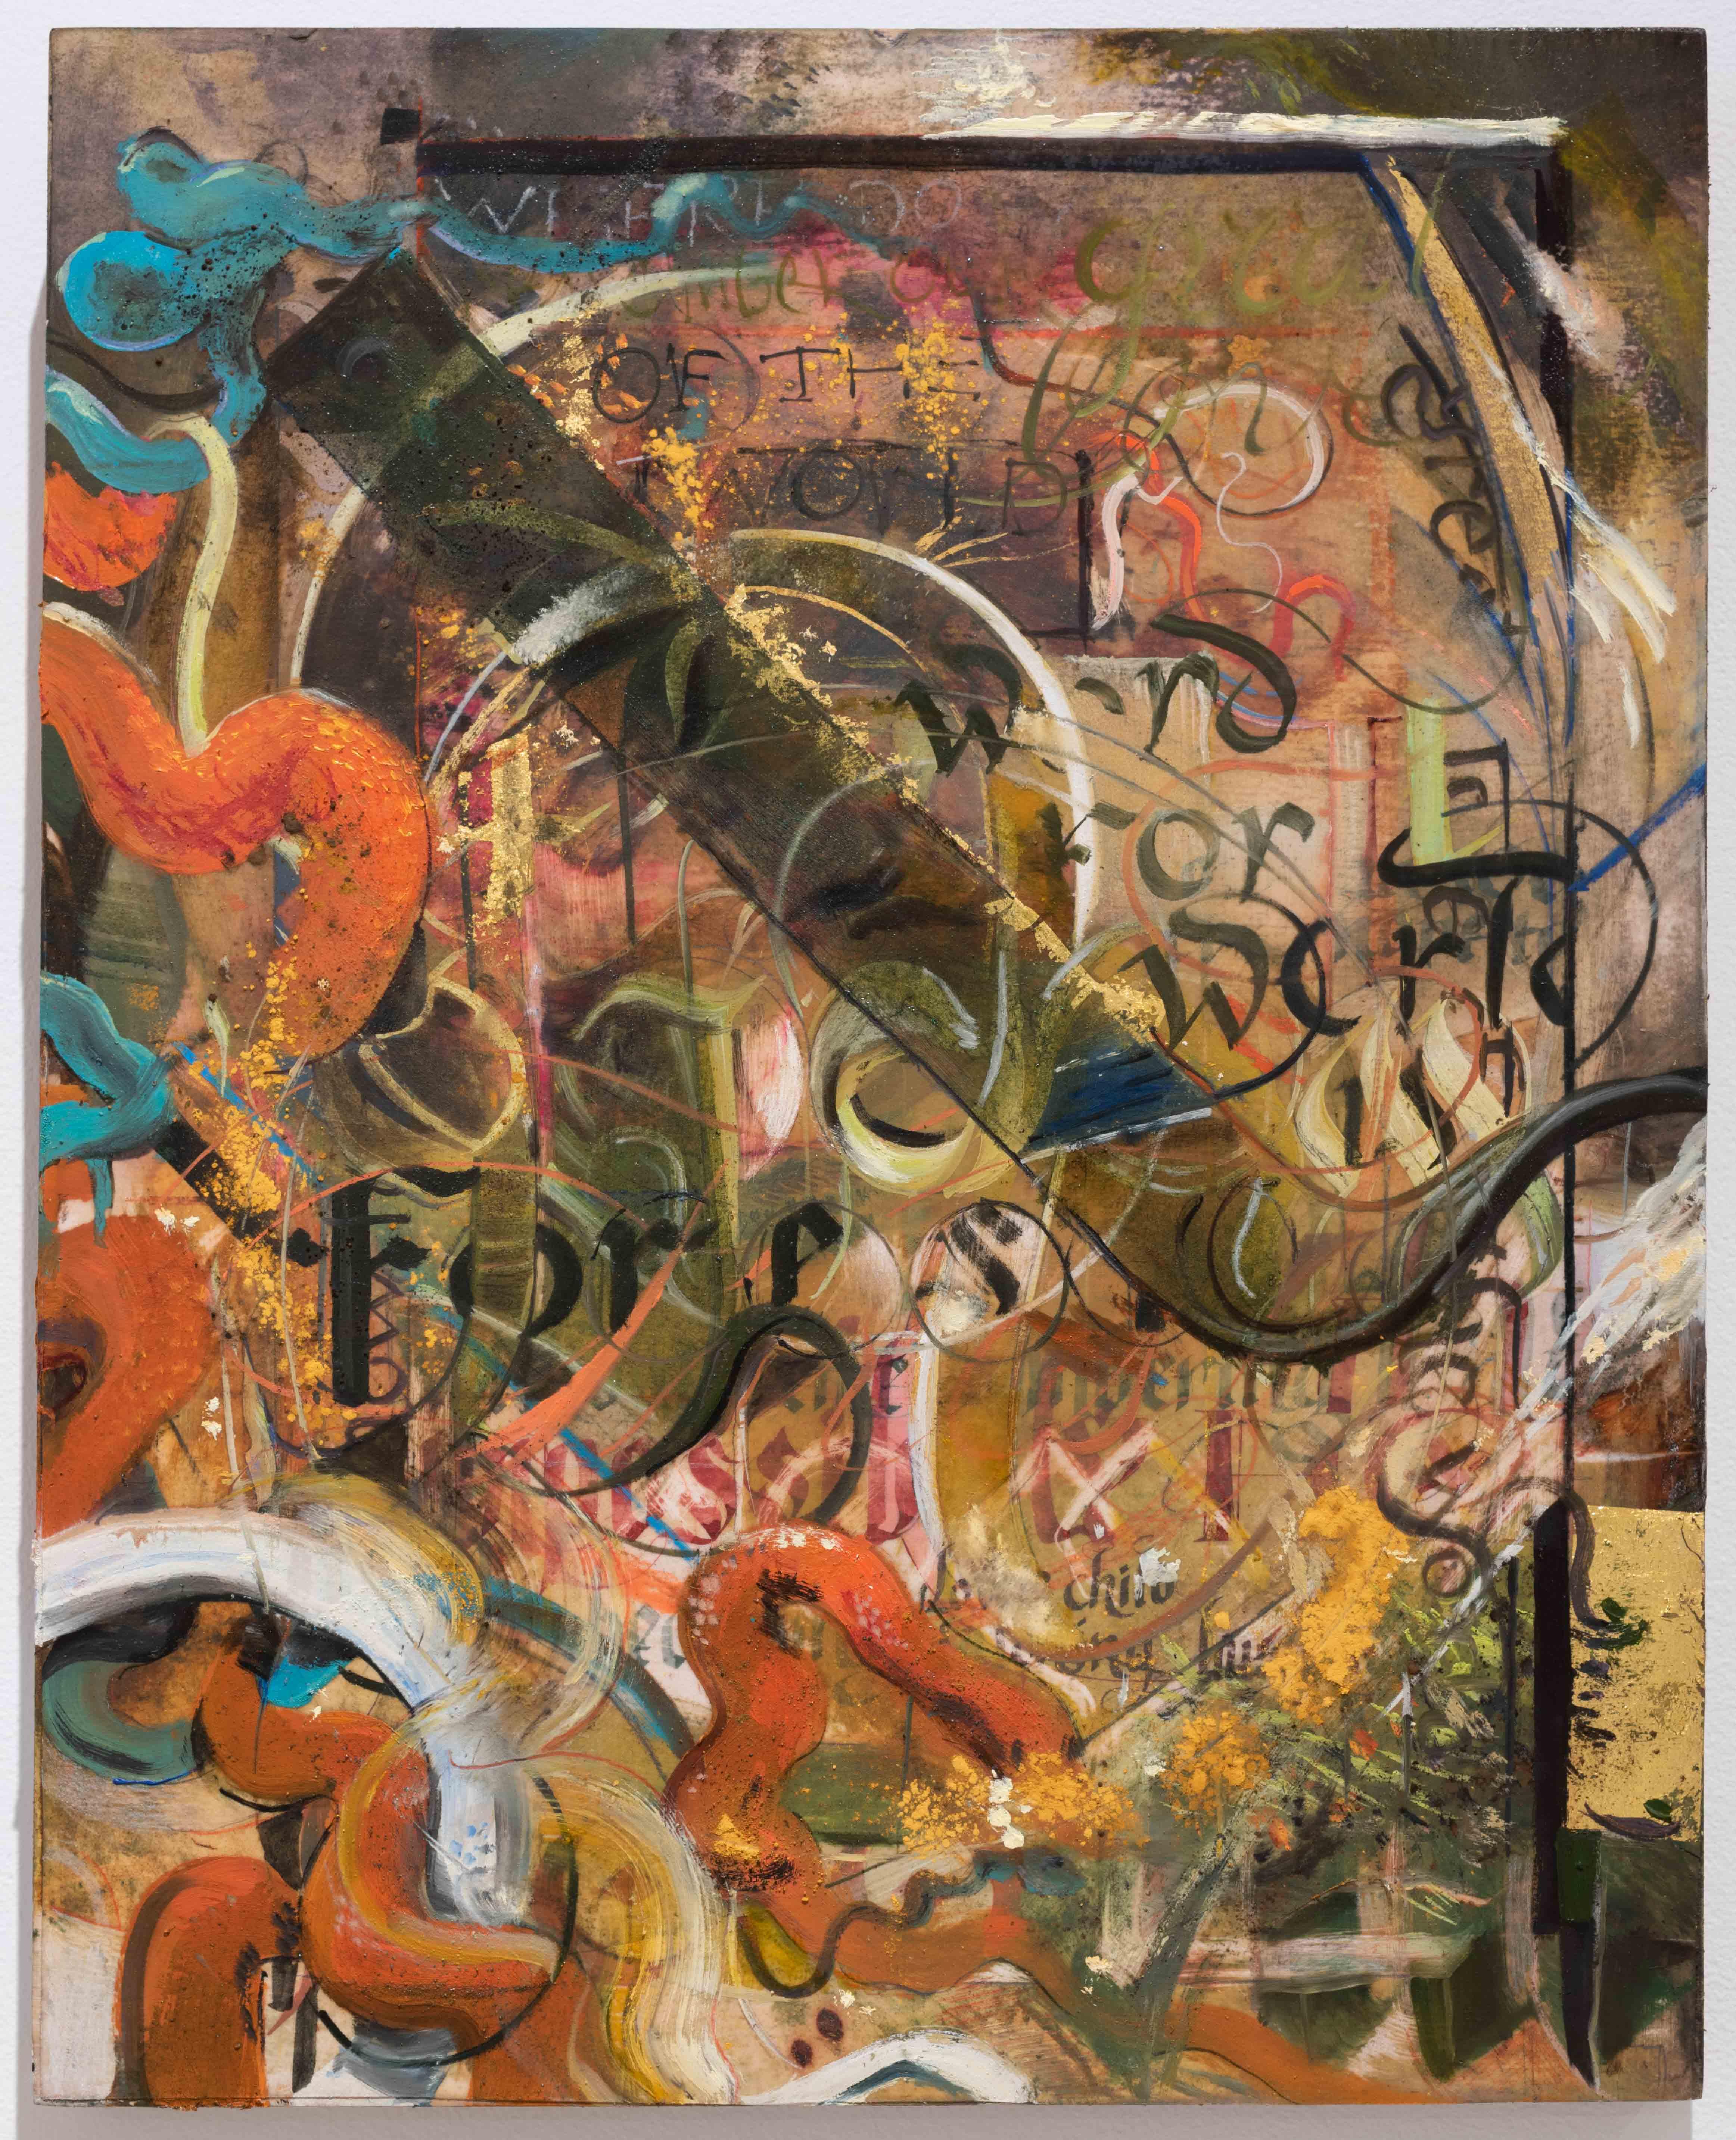 Palimpsest (for Ursula K Le Guin)